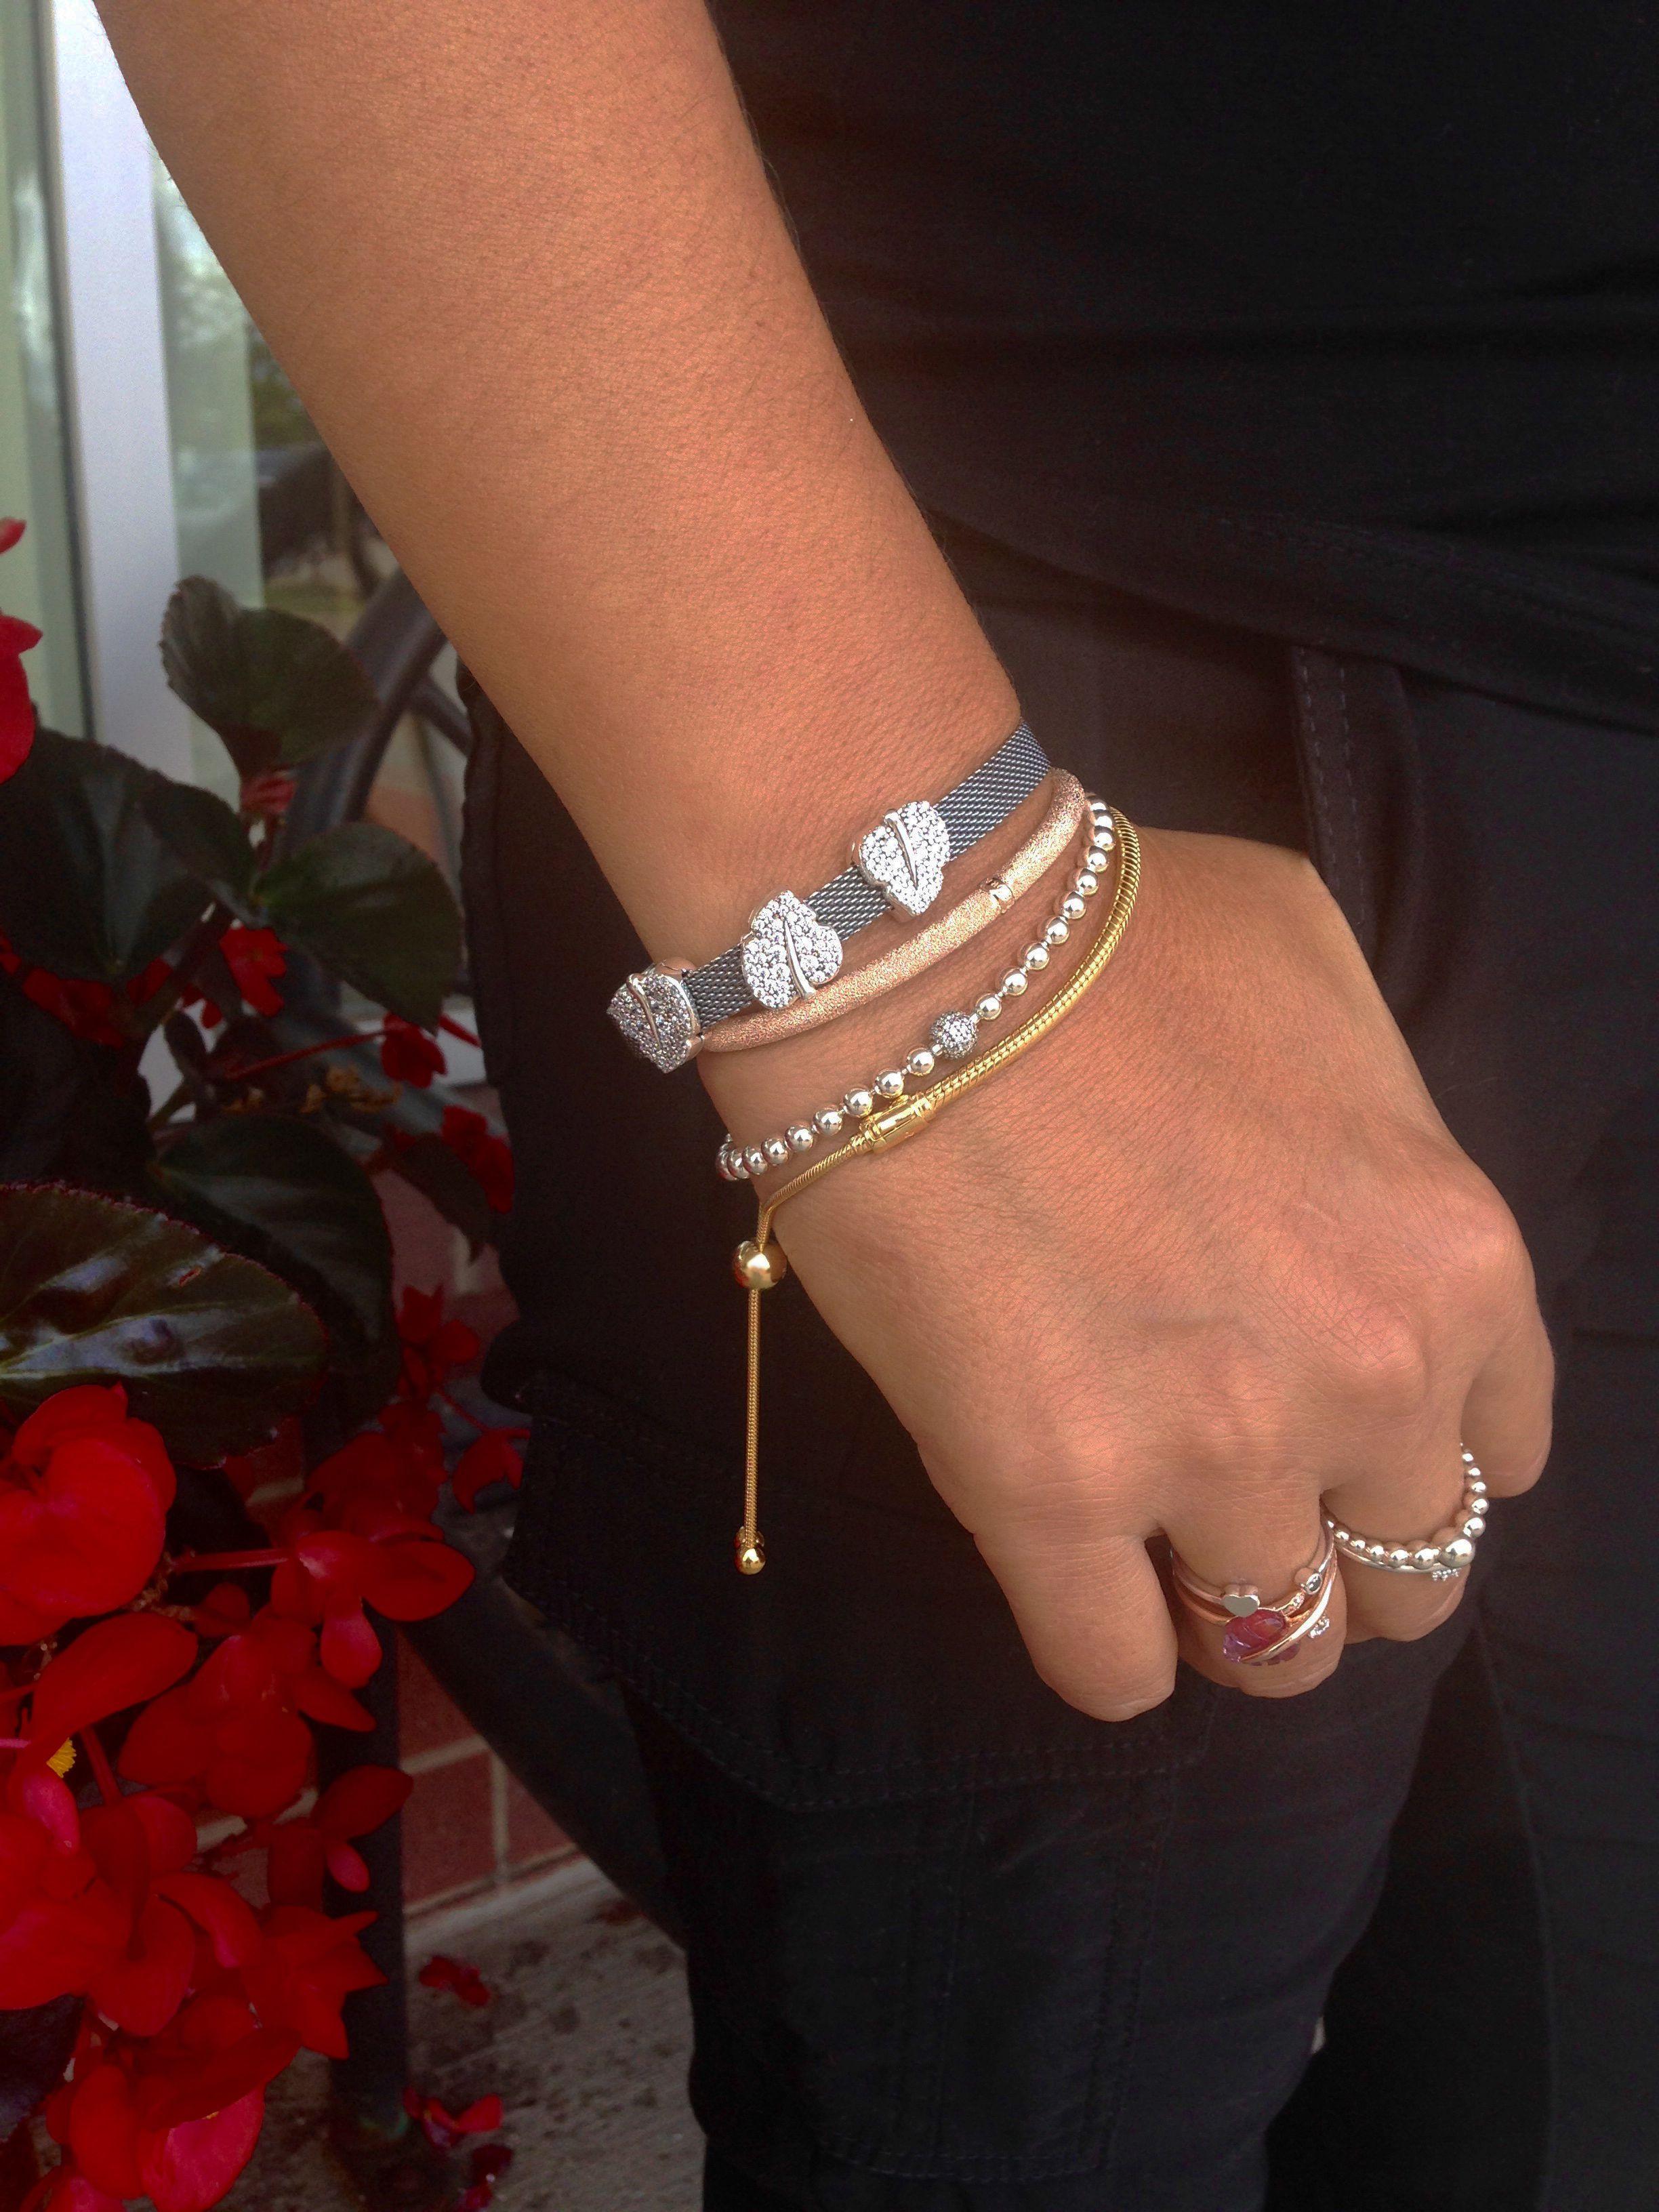 Bracelet Stack | Pandora jewelry, Pandora necklace, Pandora bracelets